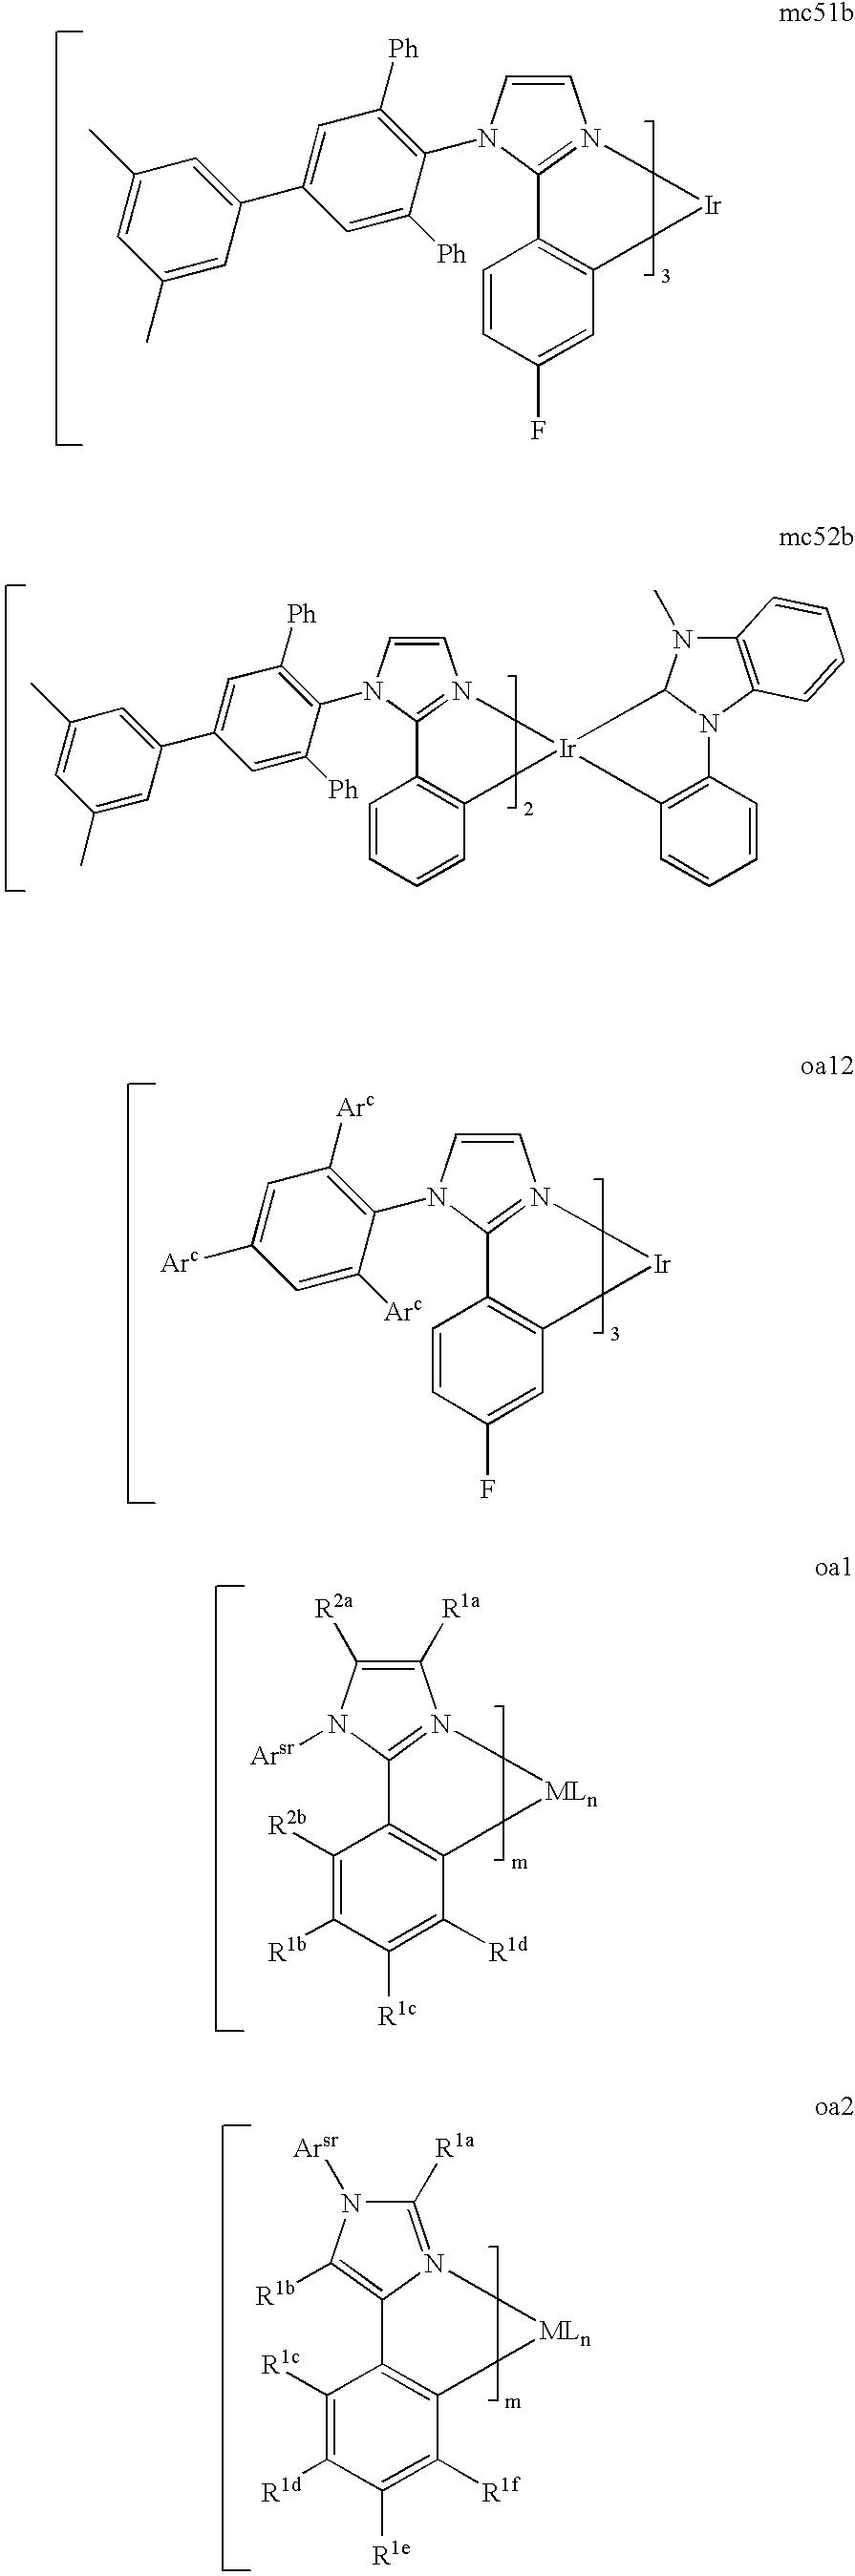 Figure US20070088167A1-20070419-C00027